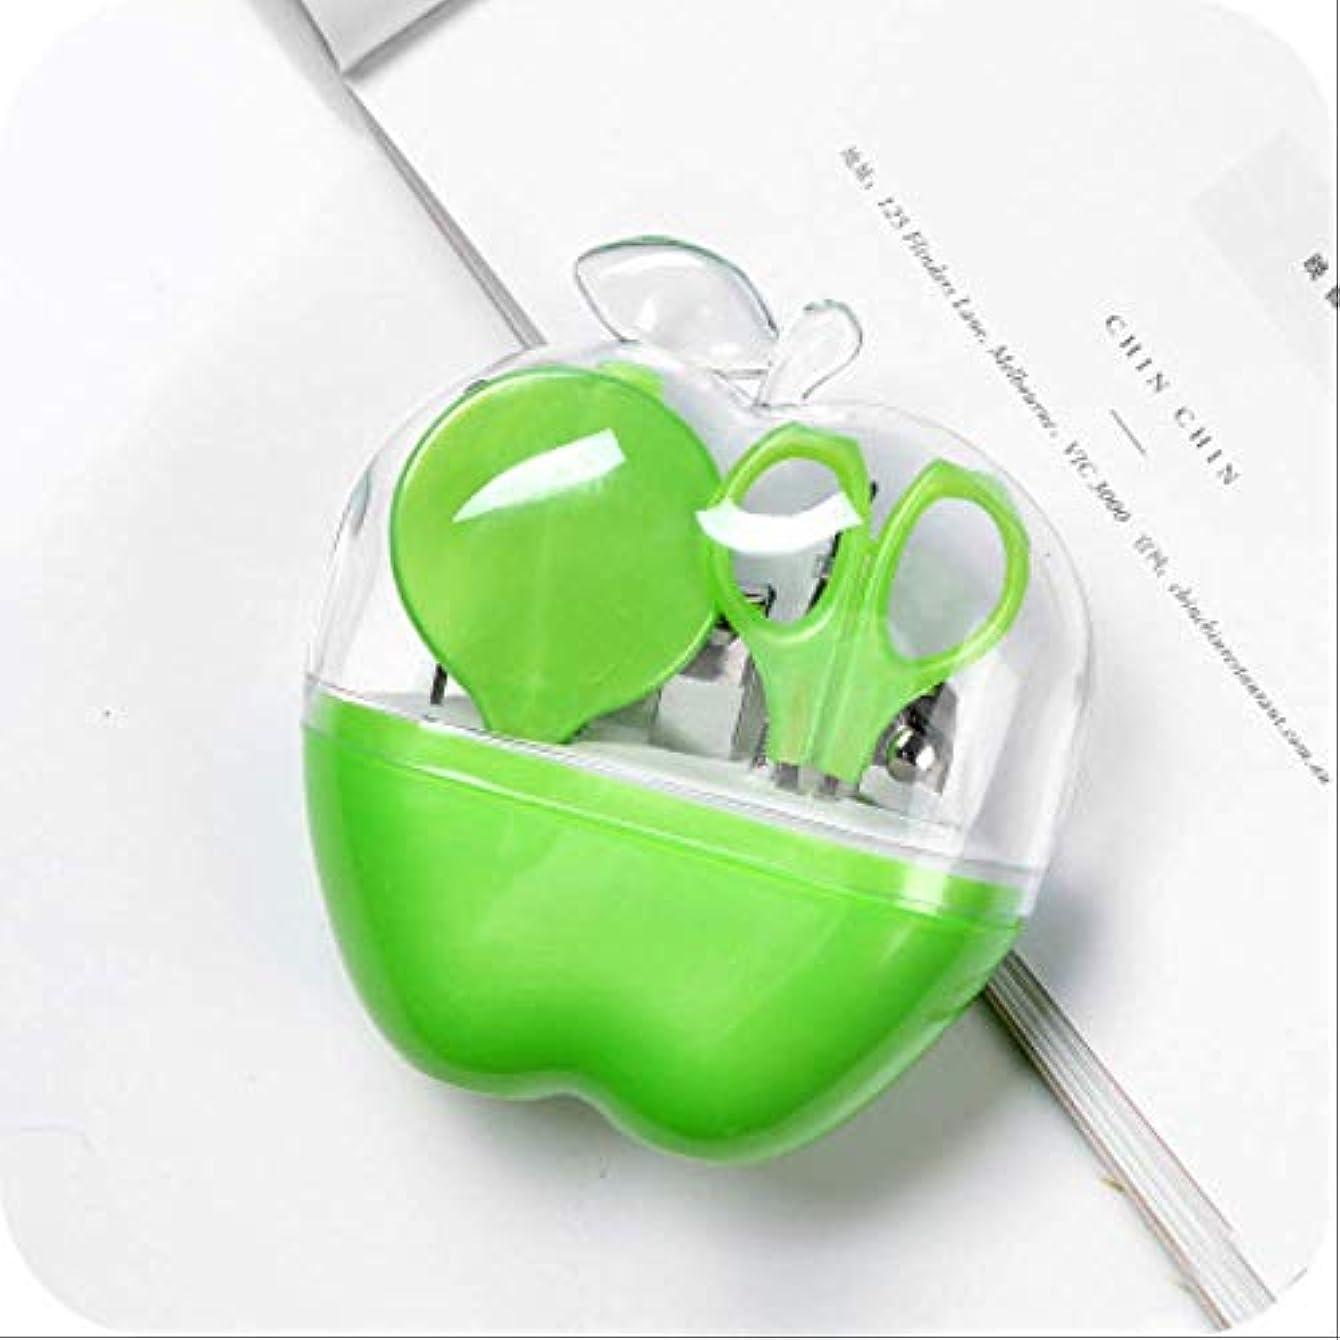 広い流産冷蔵庫赤ちゃんカット爪切りアップルタイプ9ピースセットツールギフトキッズ爪切りセット 緑[8点セット]